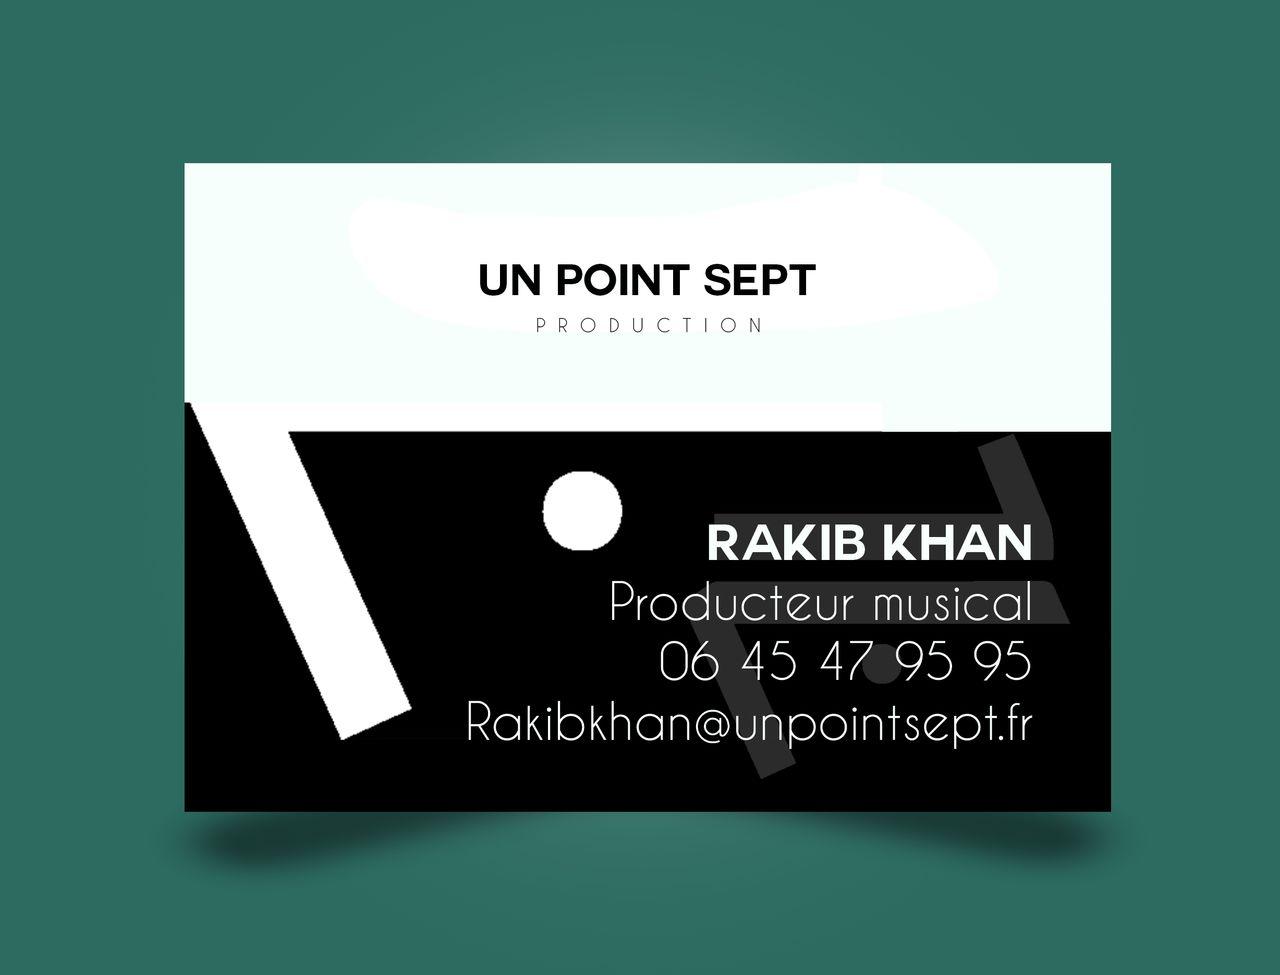 Carte de visite / production de musique